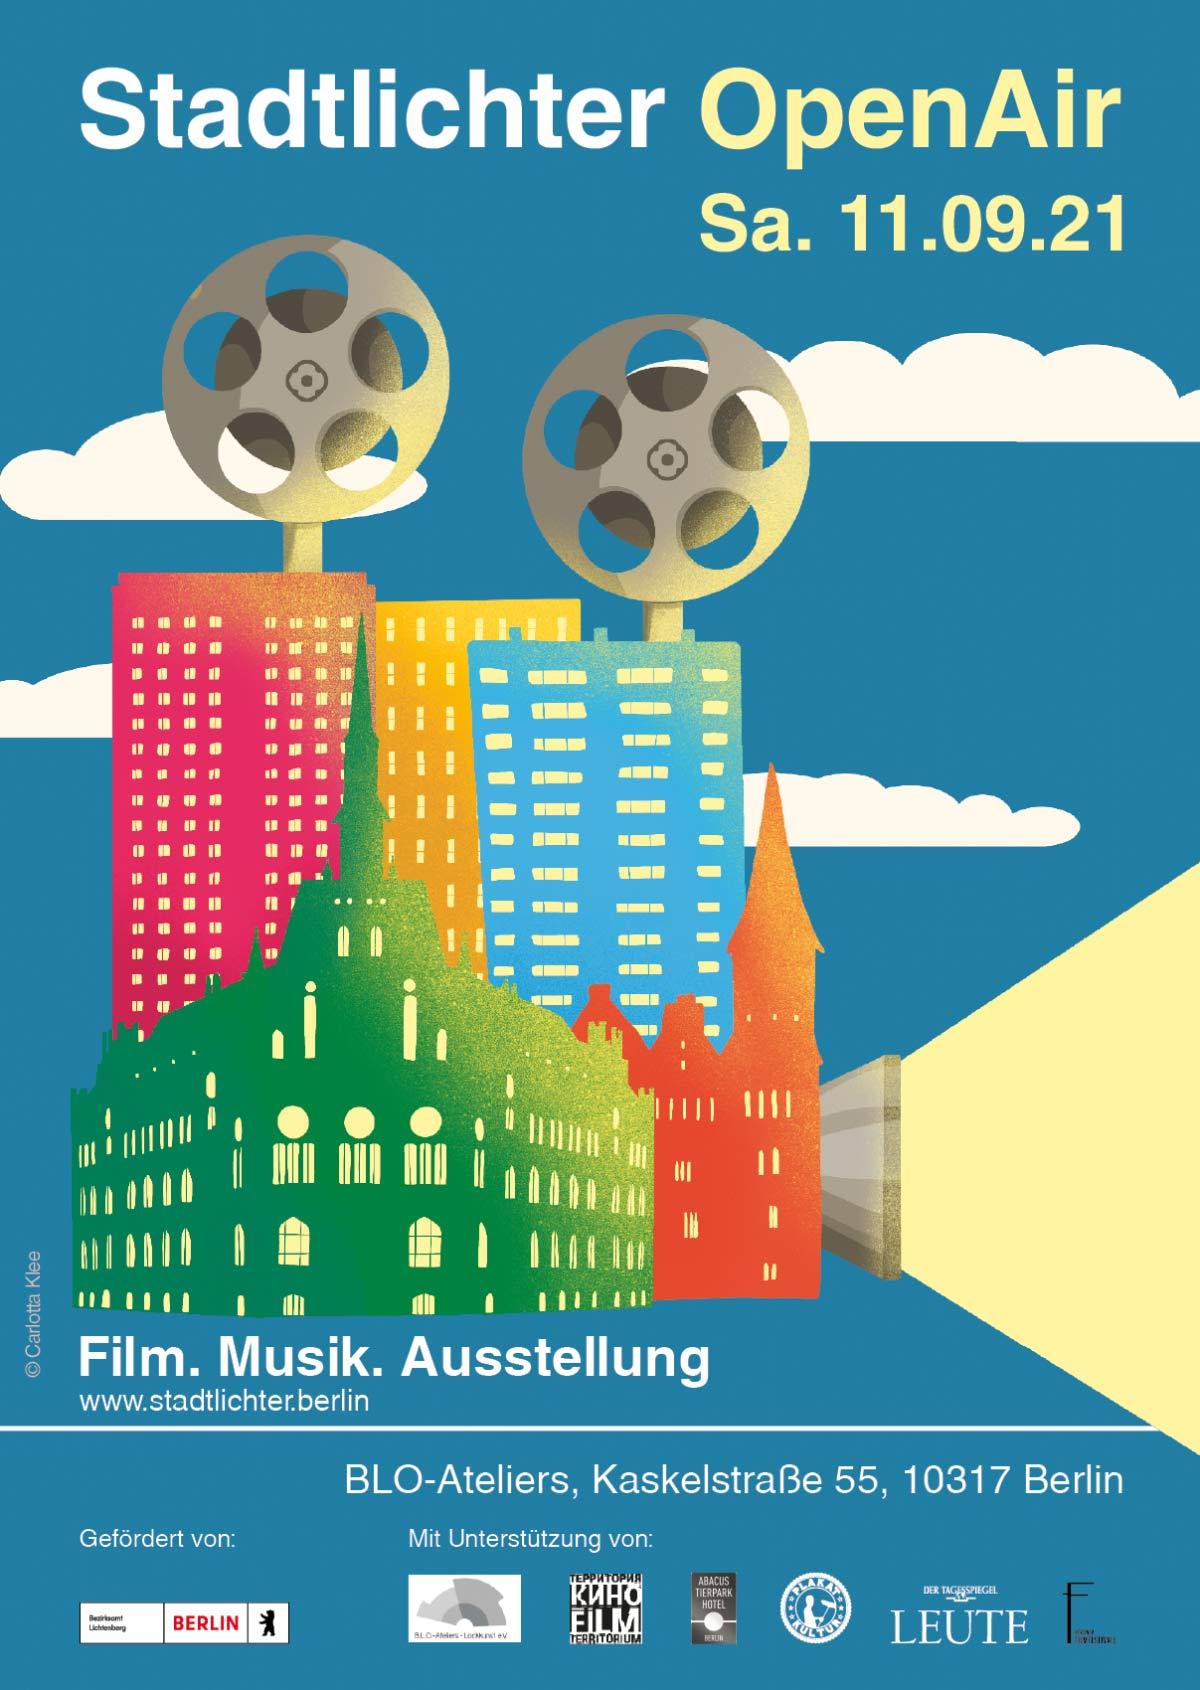 Stadtlichter OpenAir - Internationale Filmnächte in den B.L.O. Ateliers in Berlin